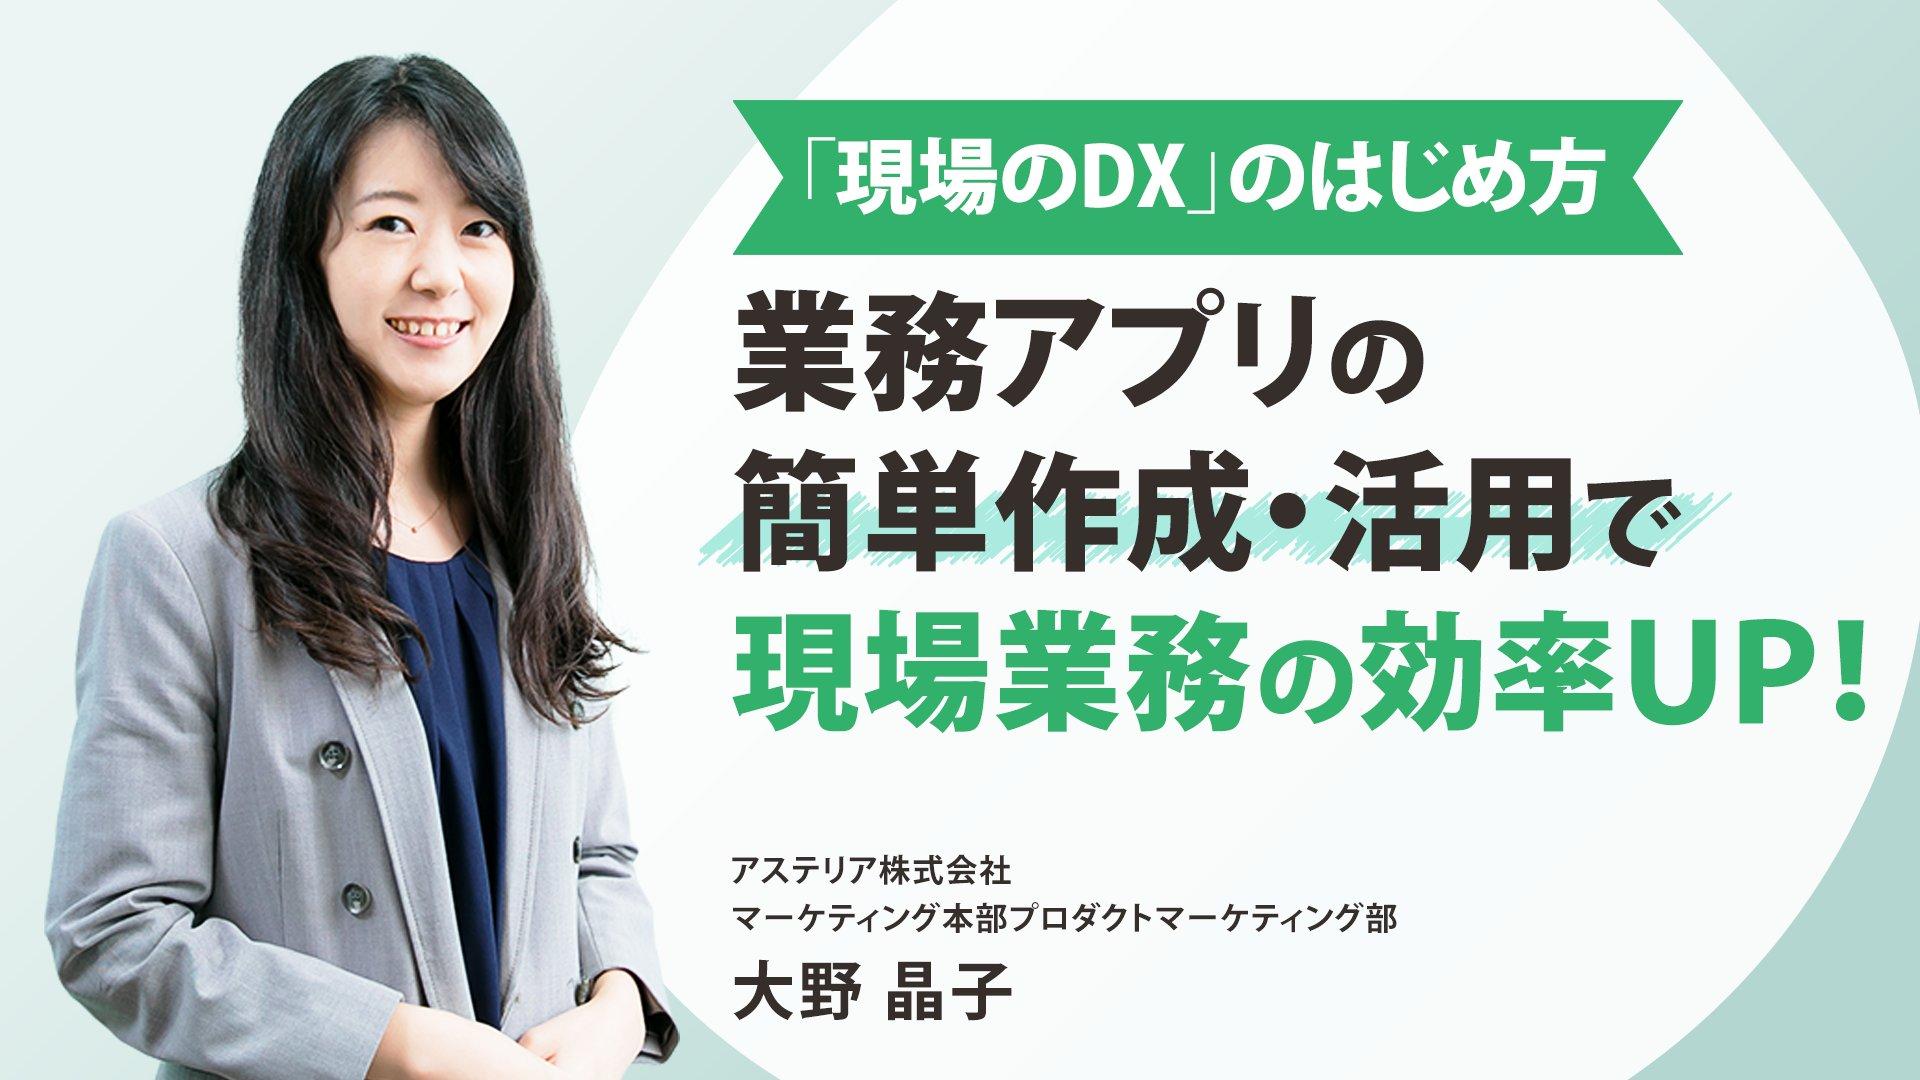 「現場のDX」のはじめ方。業務アプリの簡単作成・活用で現場業務の効率UP!